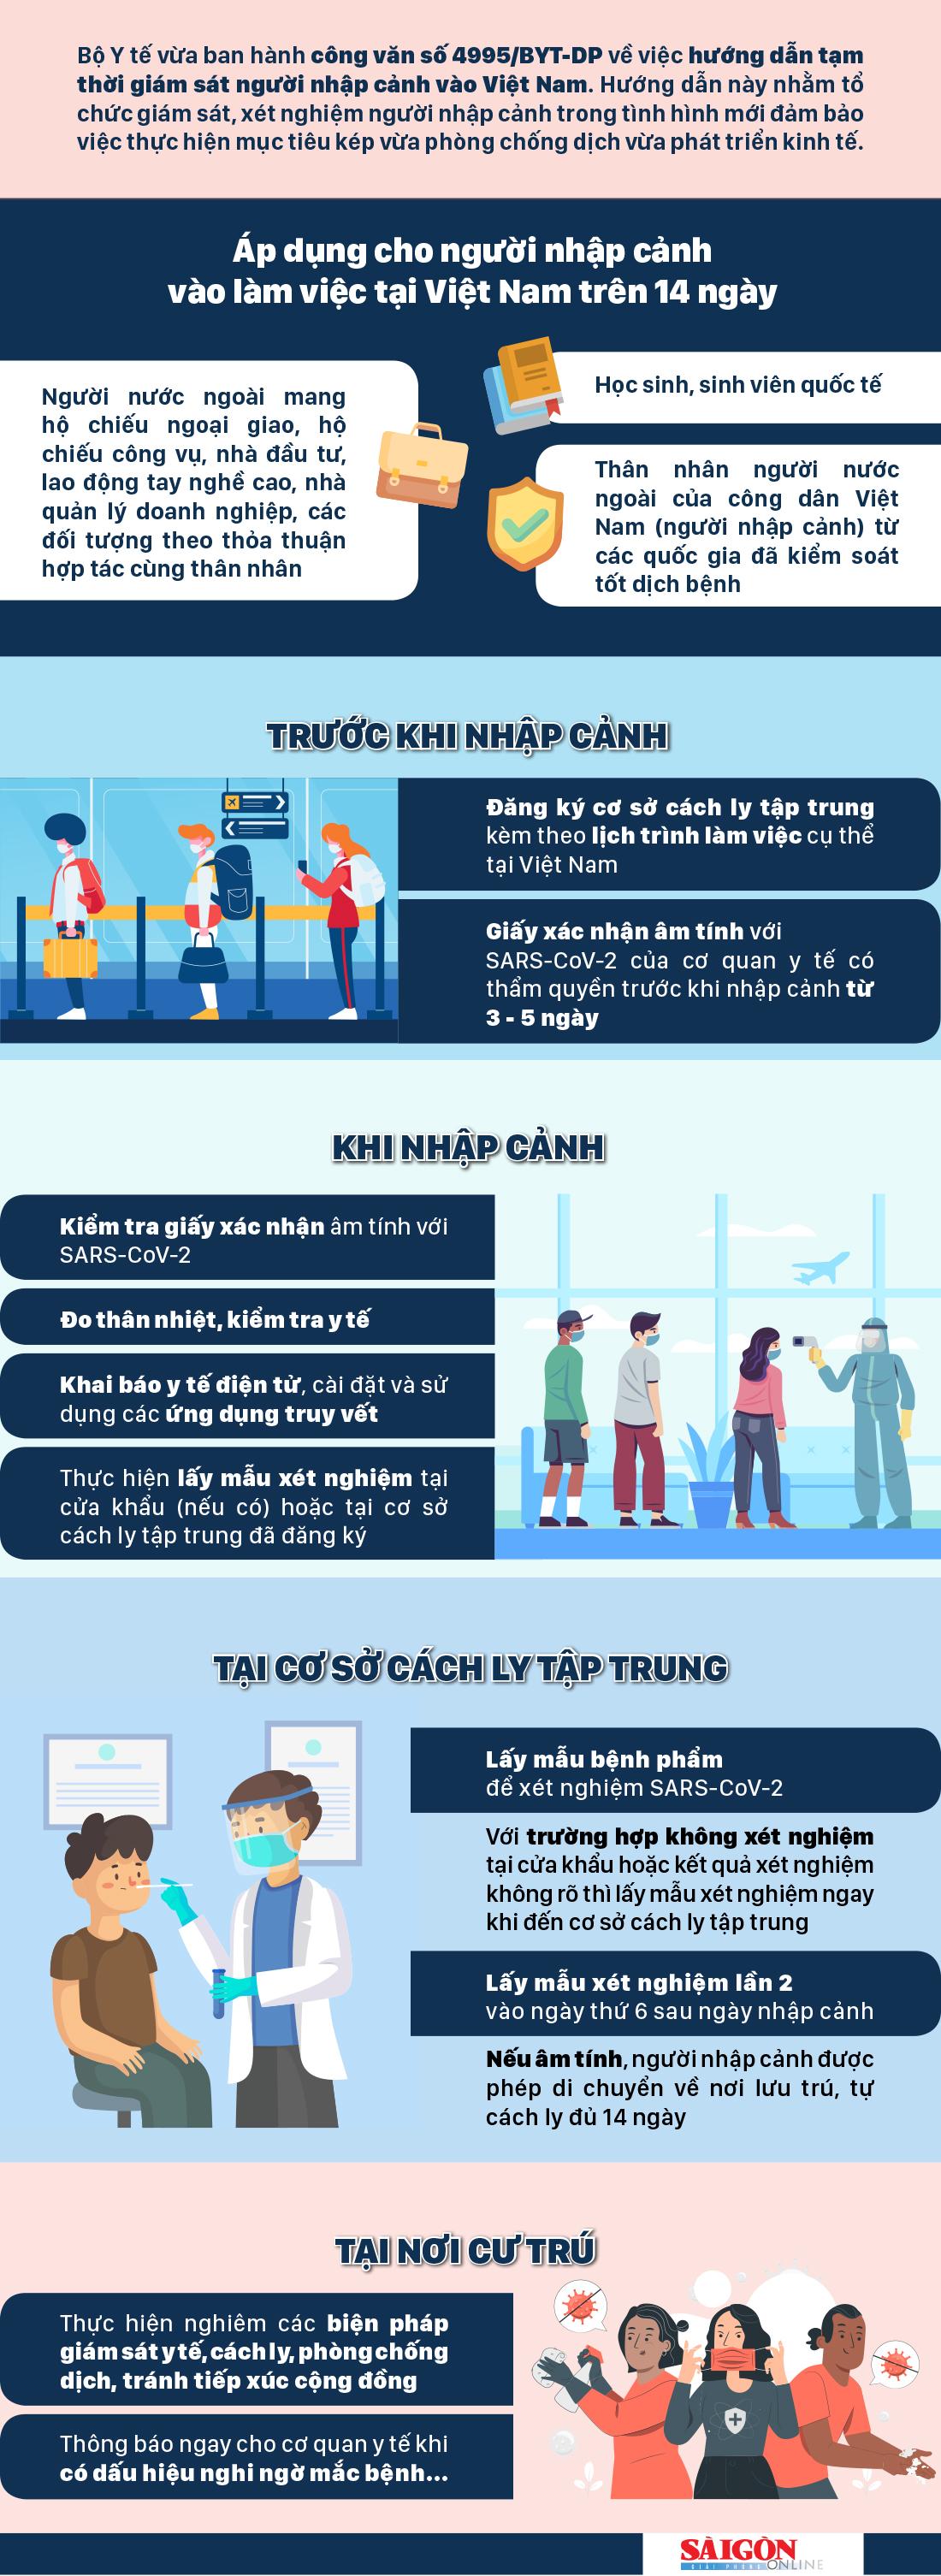 Hướng dẫn mới về giám sát người nhập cảnh vào Việt Nam ảnh 1